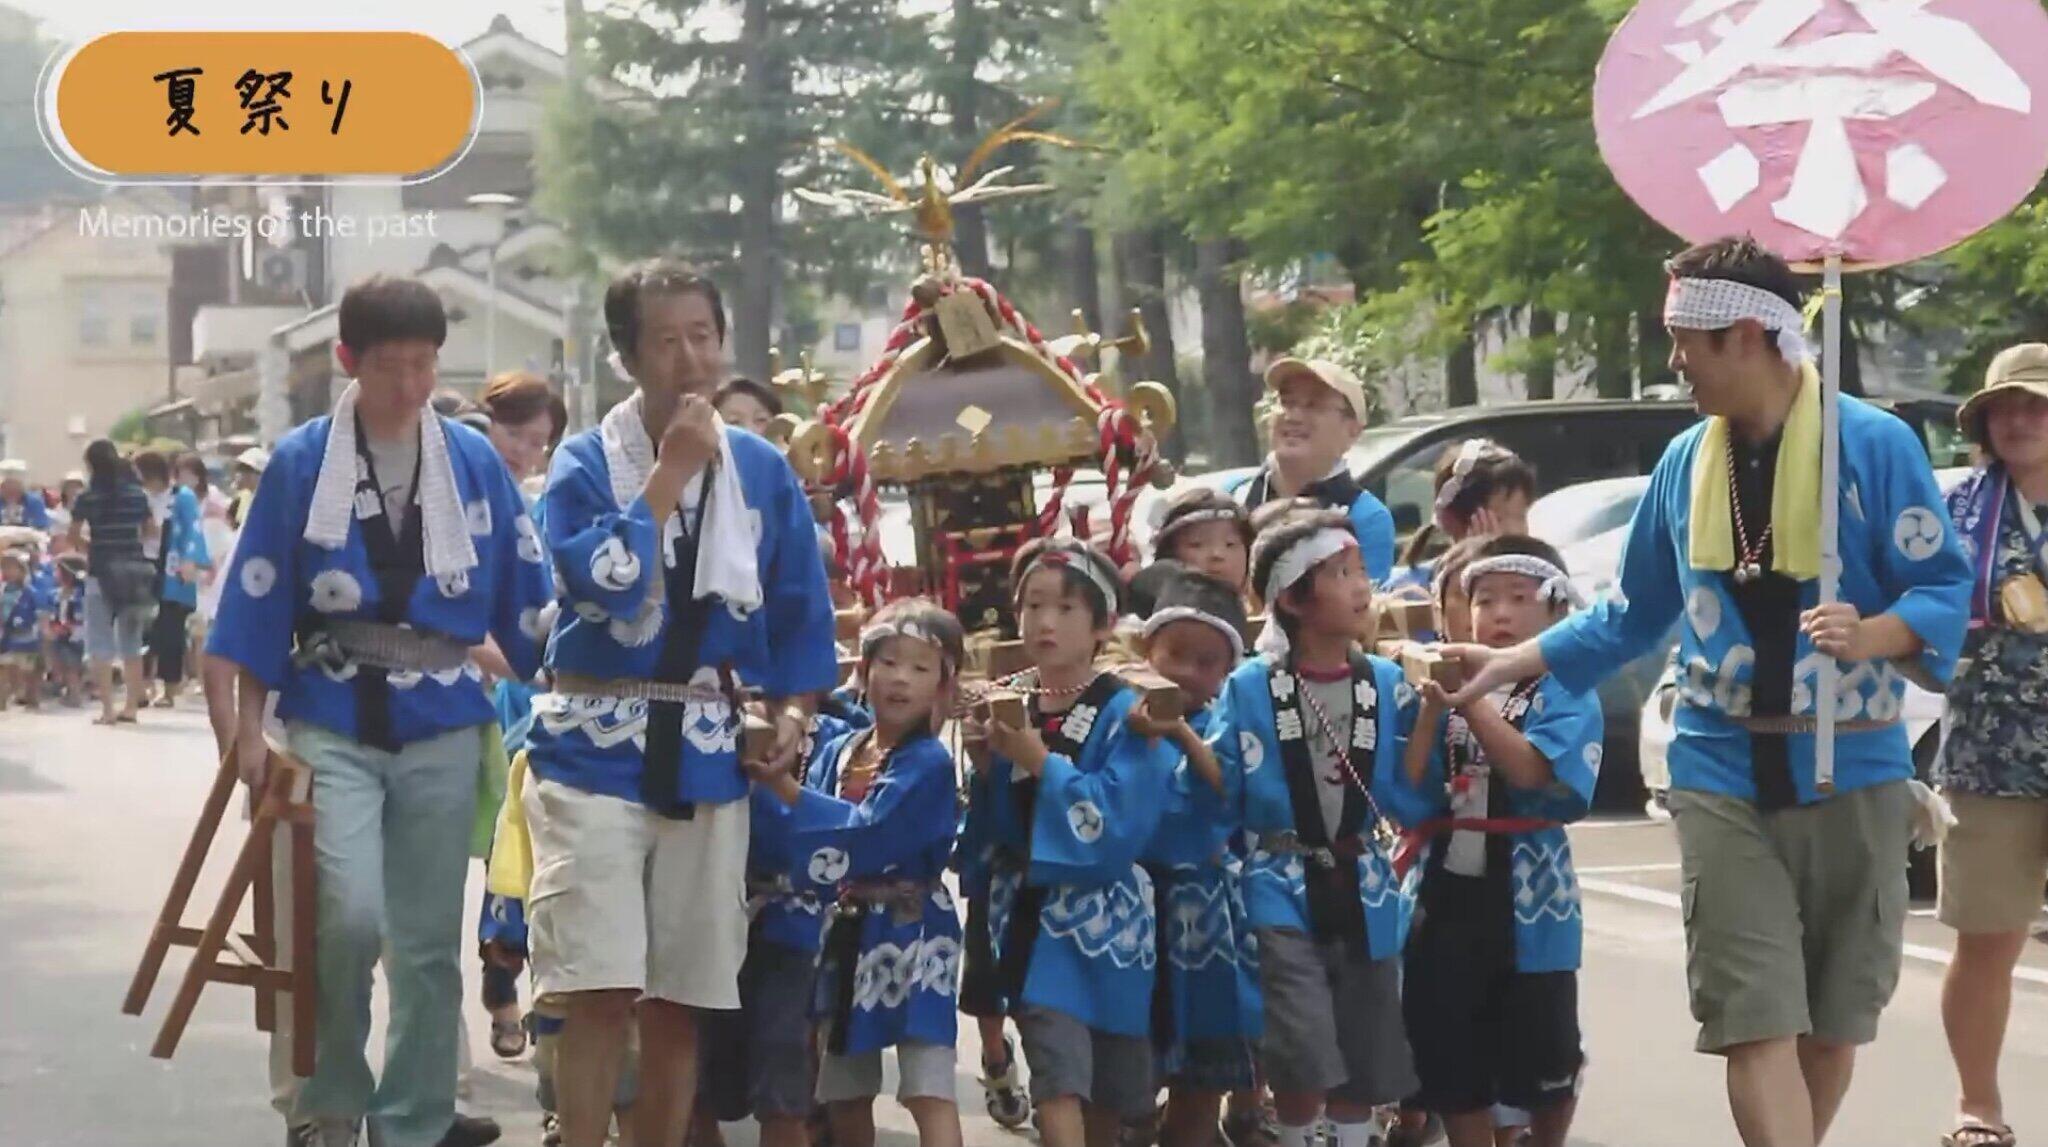 夏祭りは団地の恒例行事となってきた